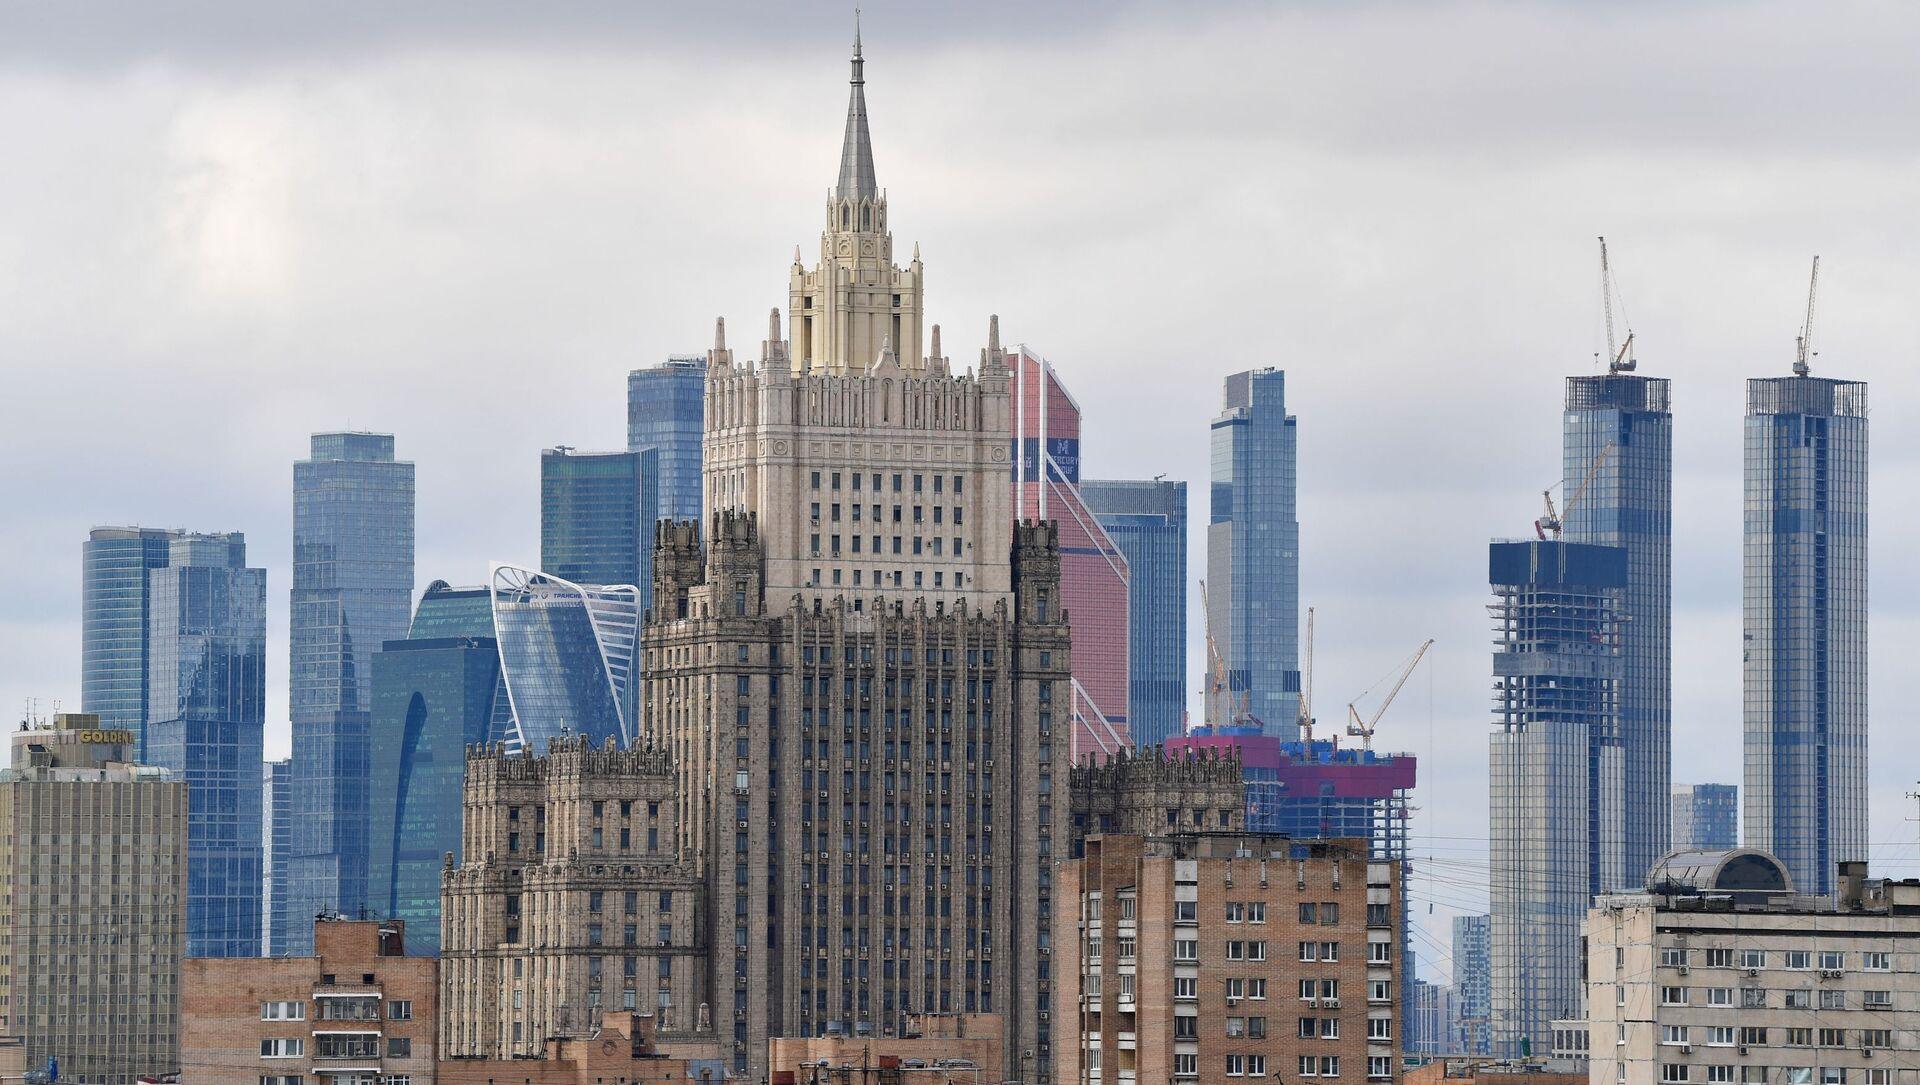 Le siège du ministère russe des Affaires étrangères - Sputnik France, 1920, 03.08.2021